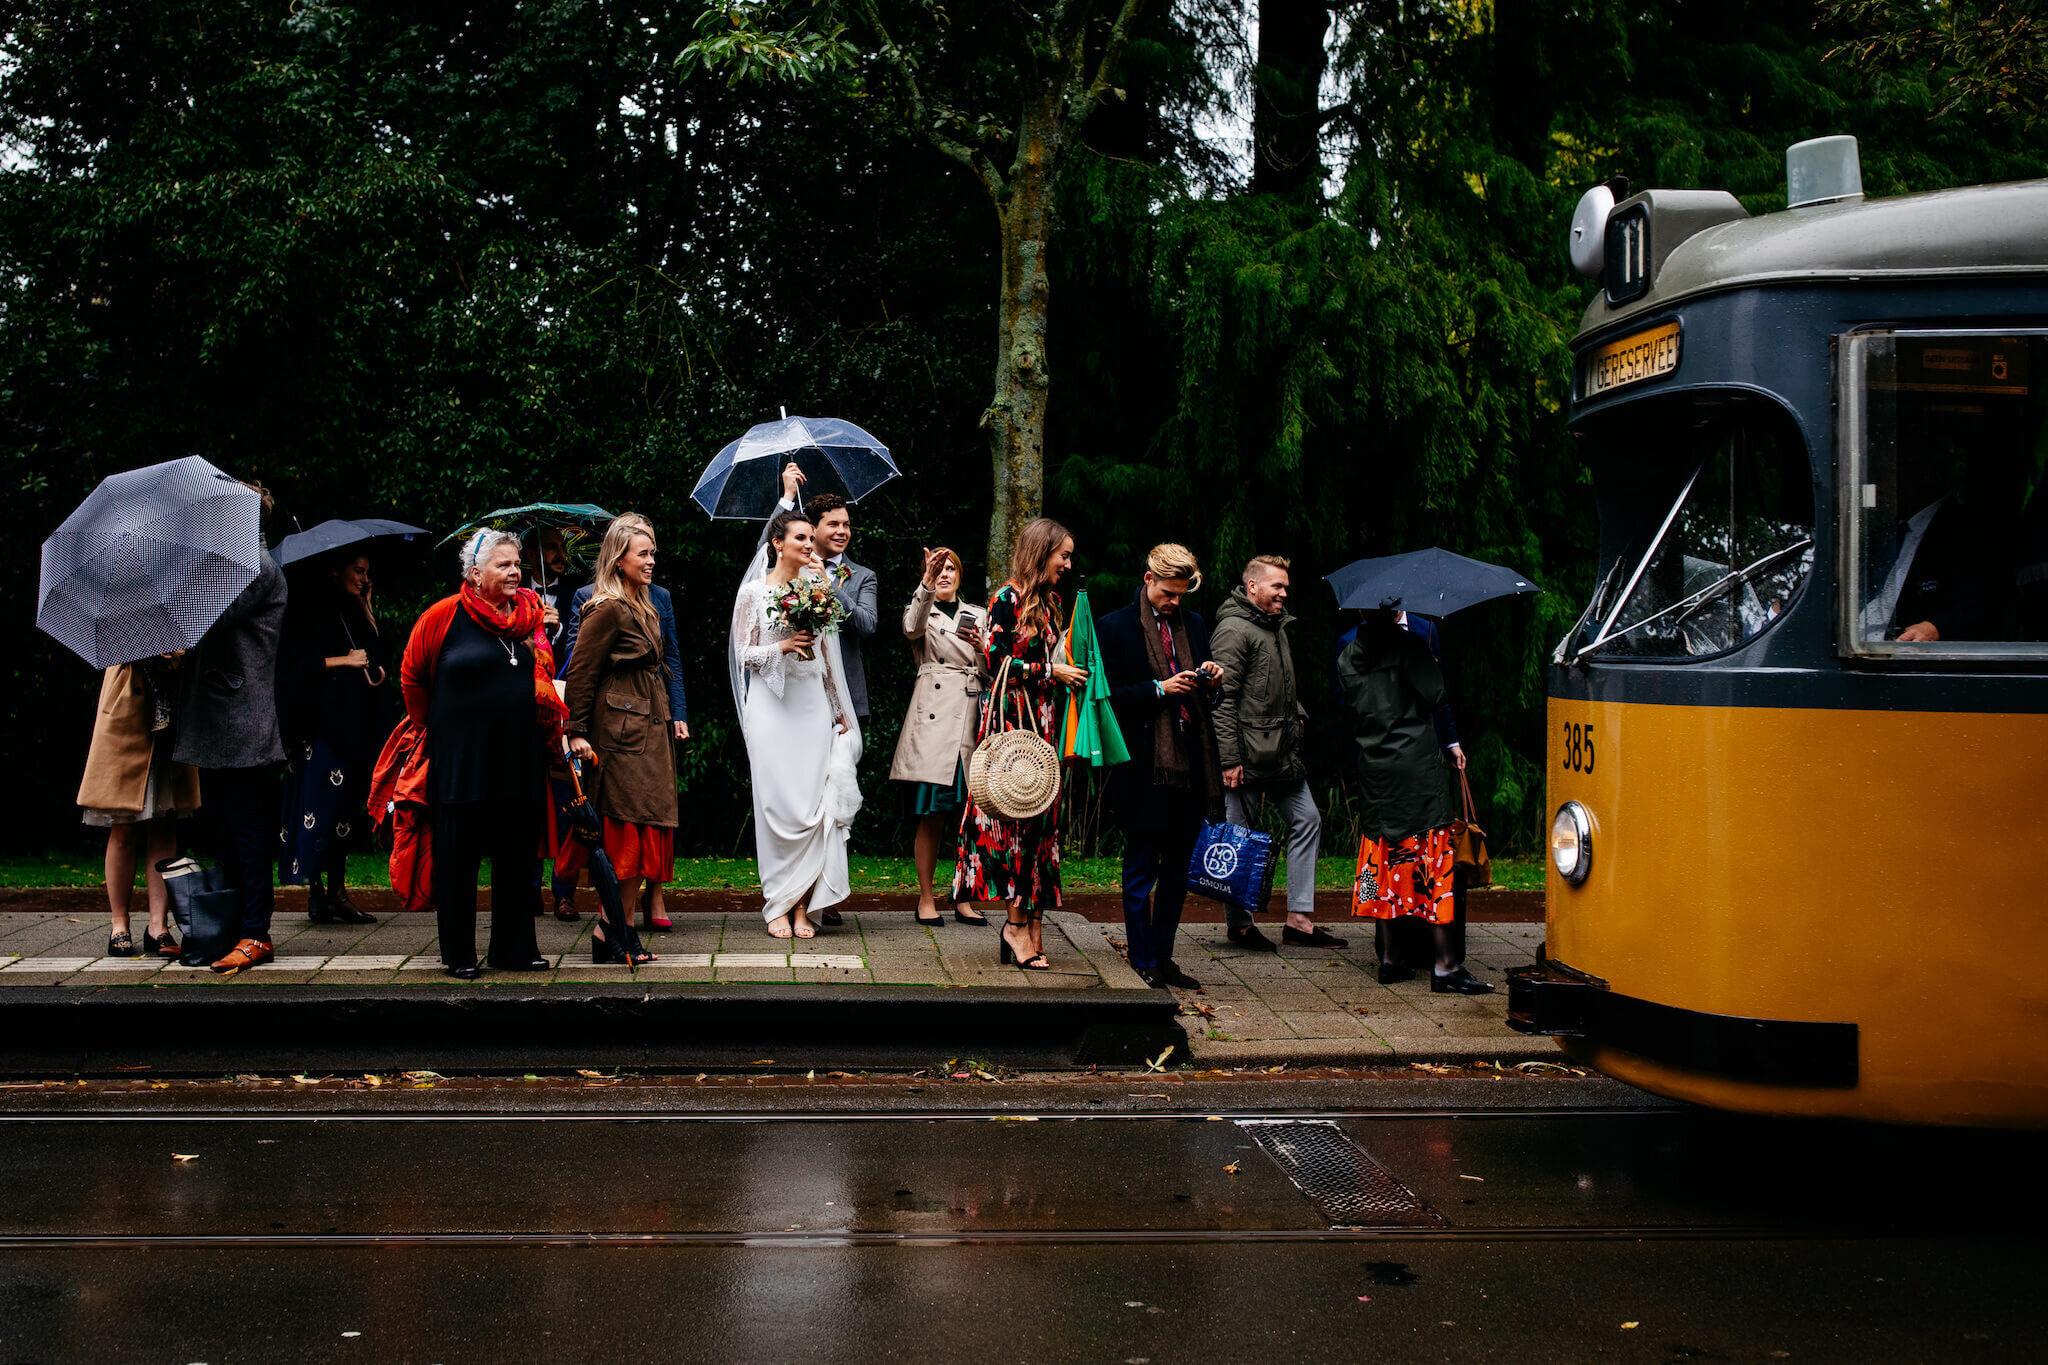 Regen op je bruiloft | Trouwen in de herfst |  Trouwfoto's met paraplu